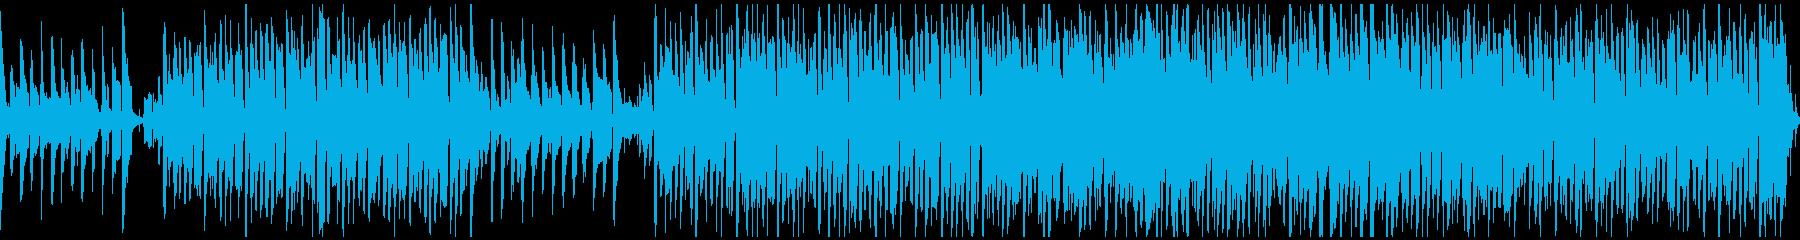 すっとぼけ寸劇、カートゥーン ※ループ版の再生済みの波形